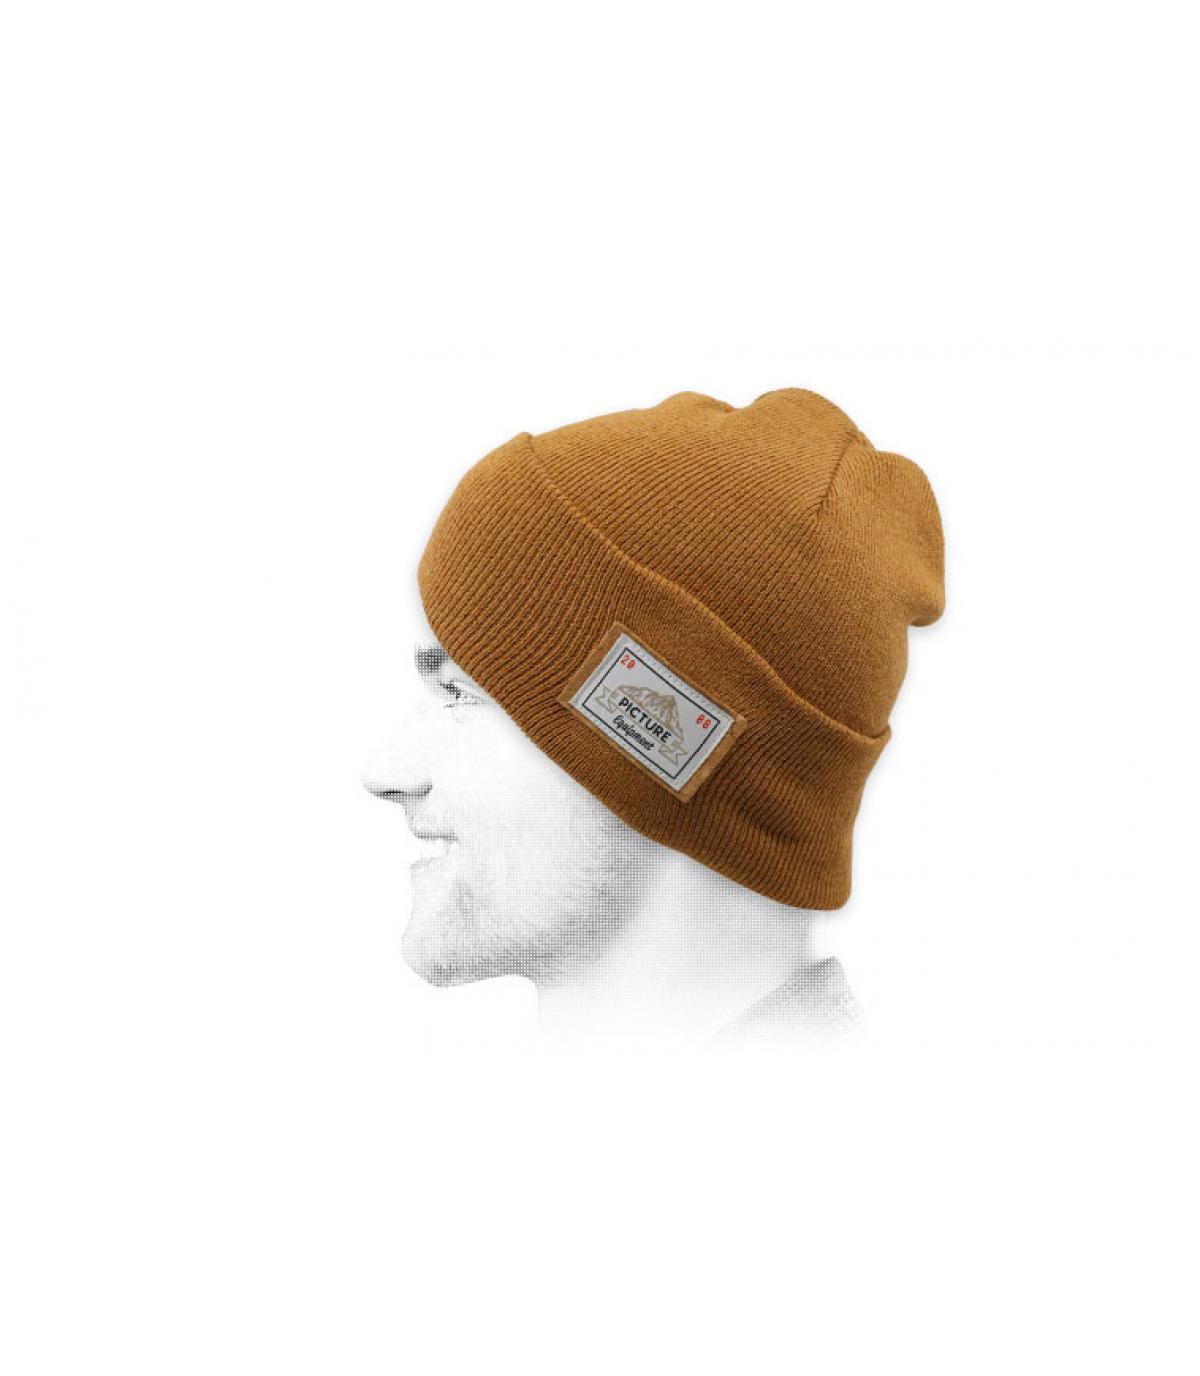 sombrero de la solapa de imagen de color beige